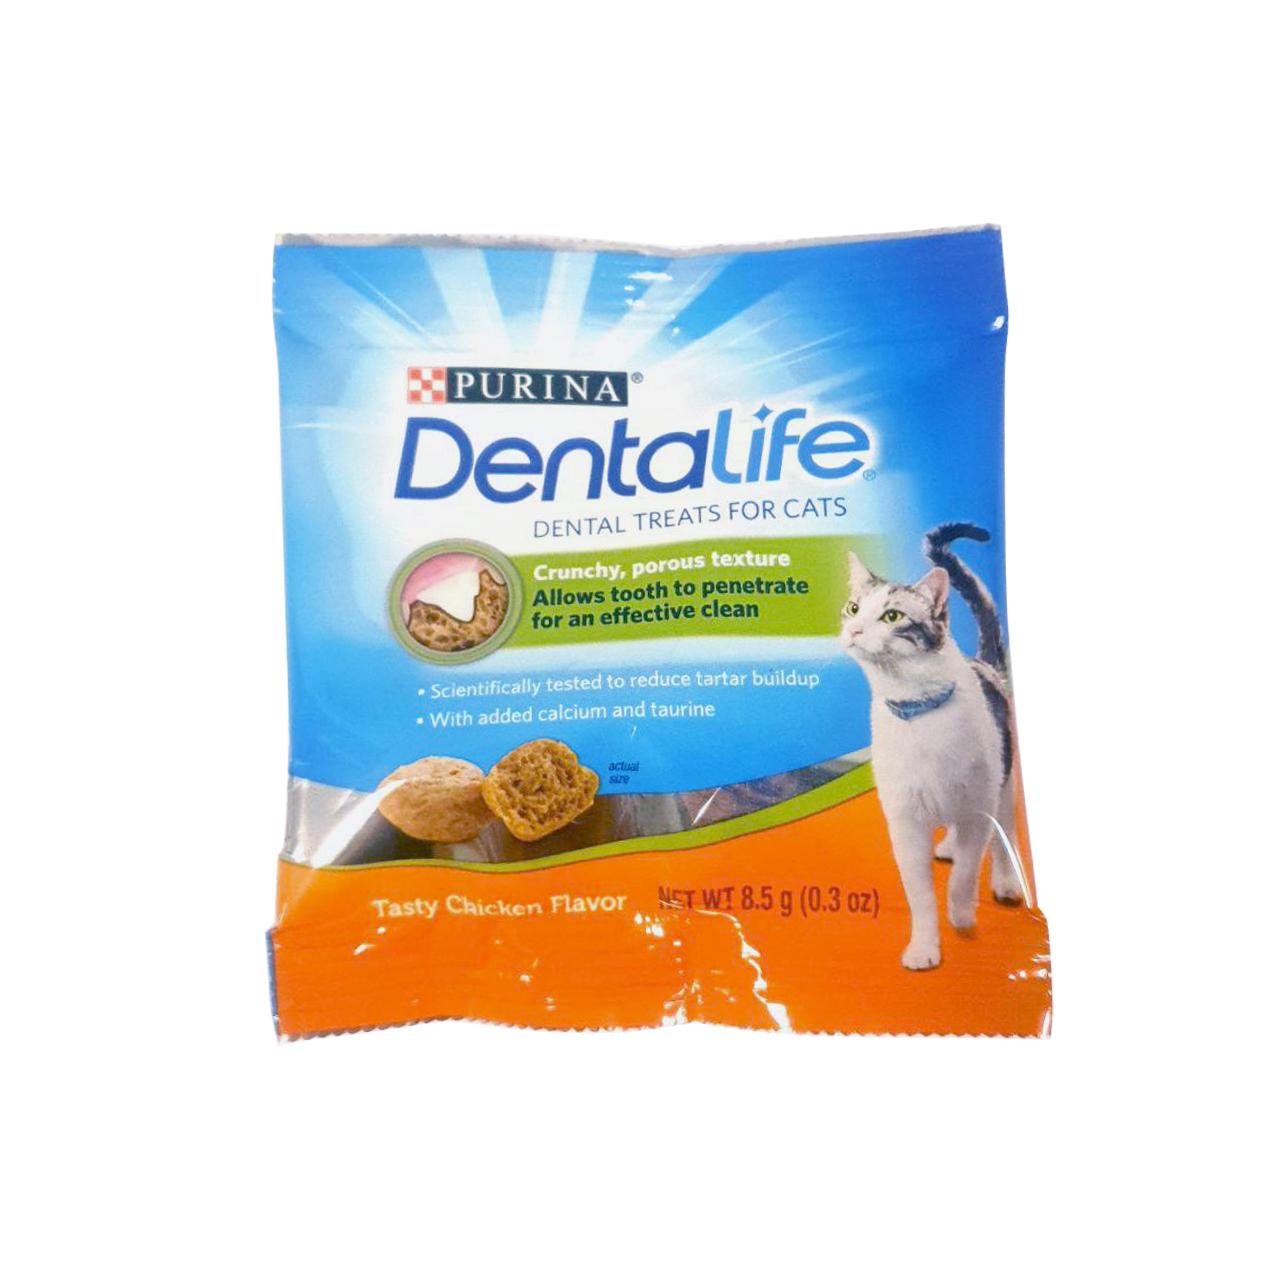 Dentalife Tasty Chicken Dental Cat Treat sample